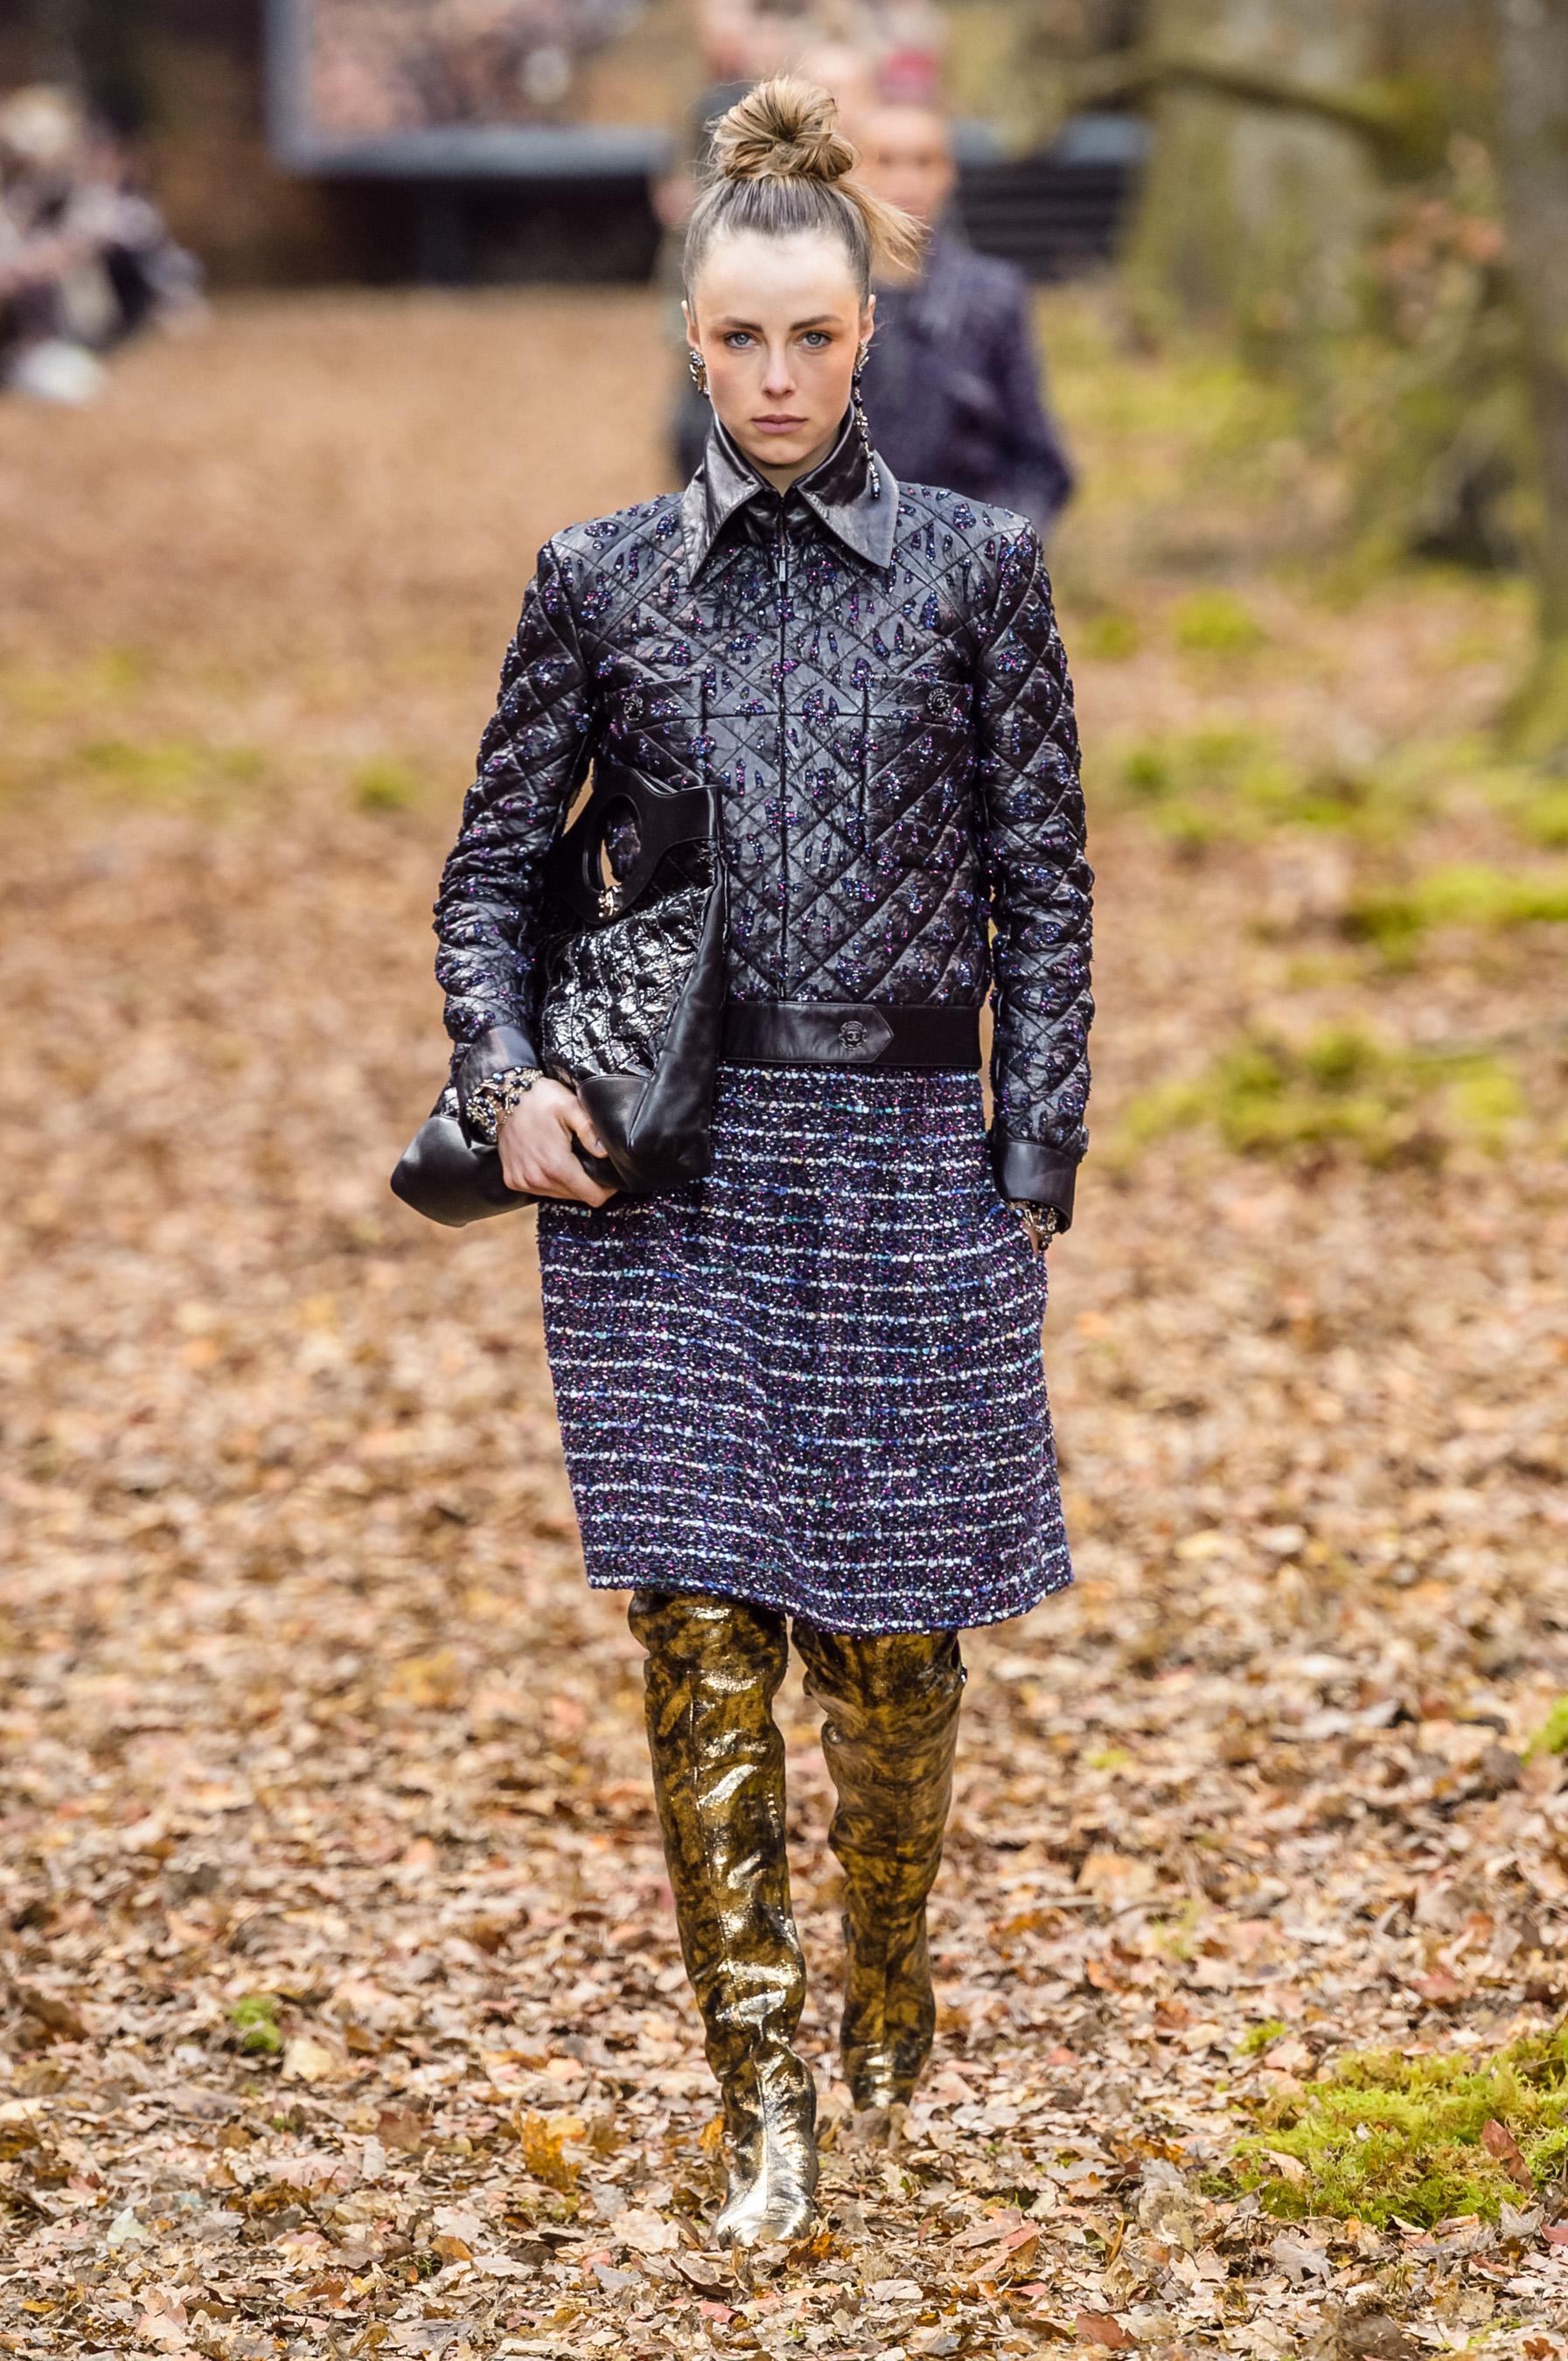 11972359aac6 Défilé Chanel automne-hiver 2018-2019 Prêt-à-porter - Madame Figaro